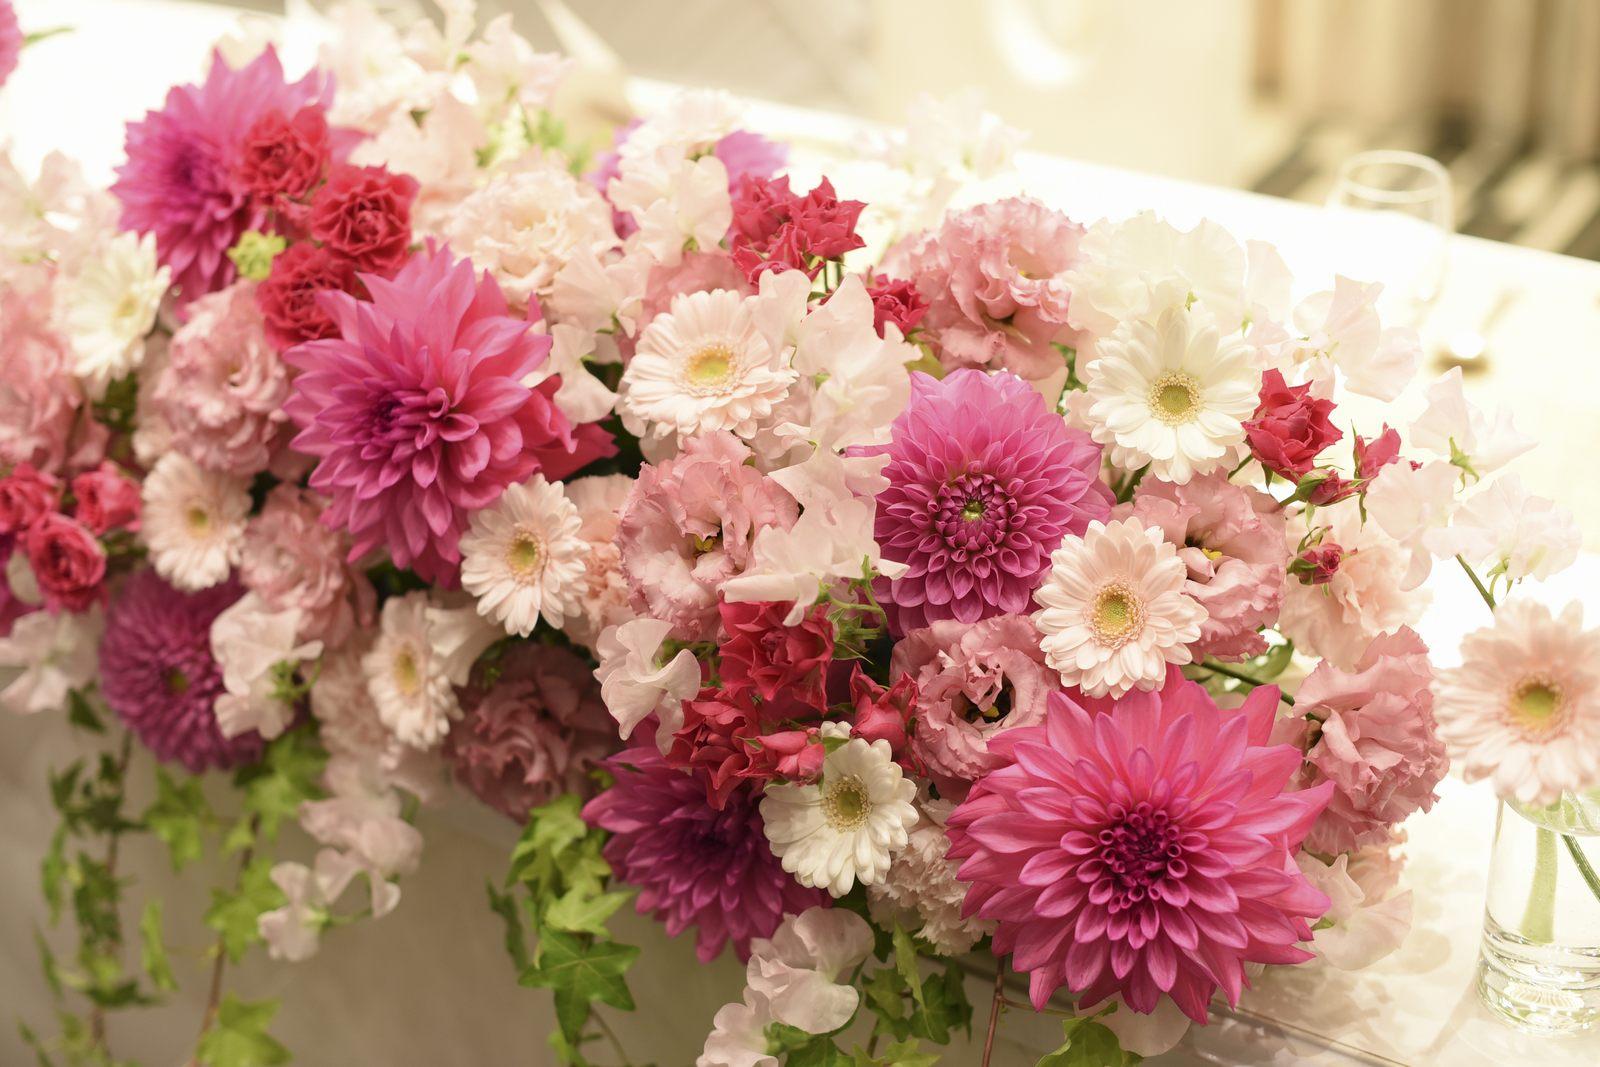 徳島市の結婚式場ブランアンジュのメインテーブル装花